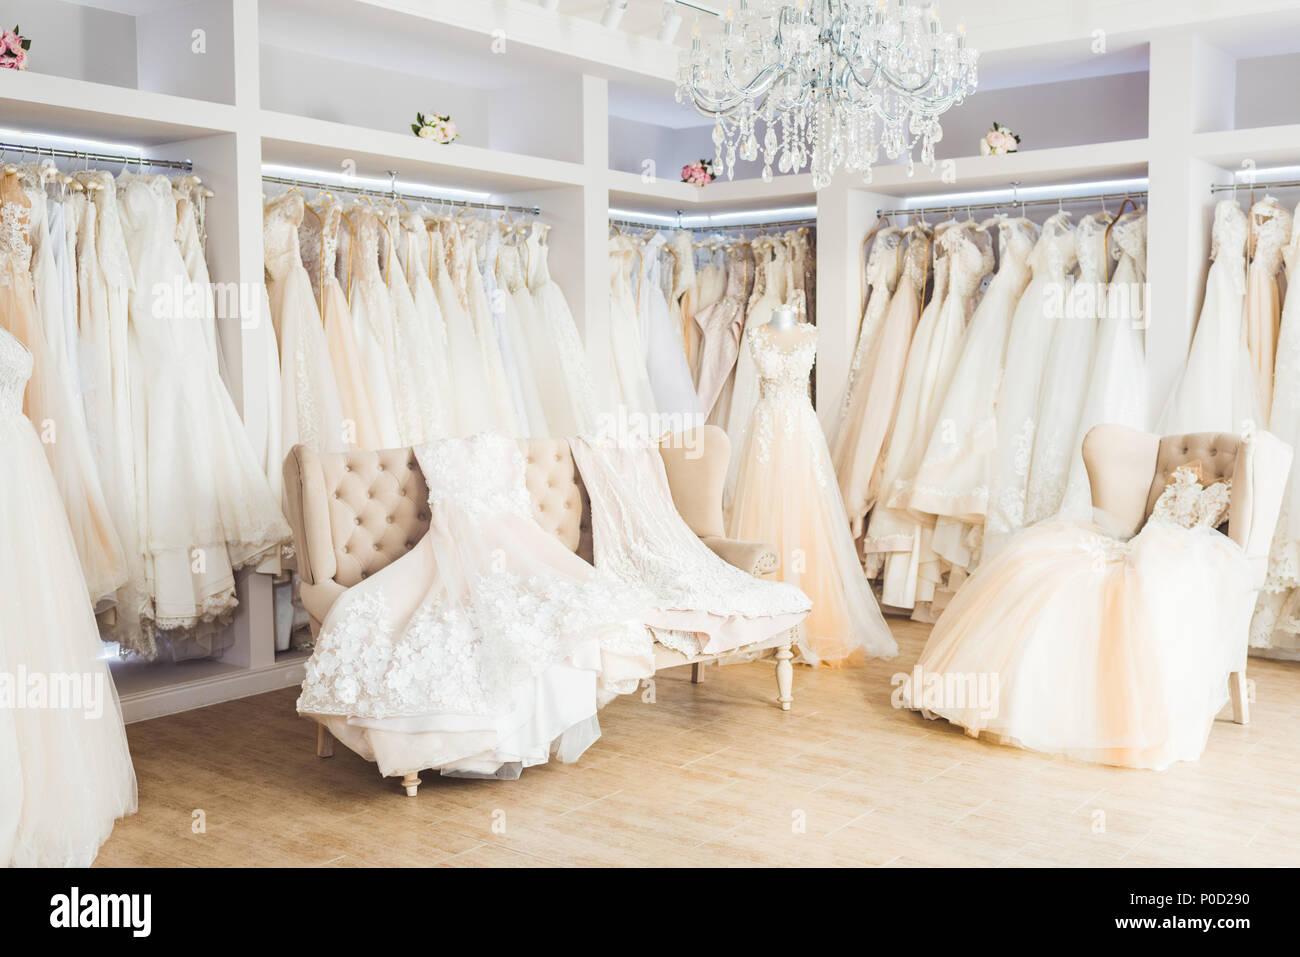 Atelier Di Abiti Da Sposa.Bellissimi Abiti Da Sposa Su Appendiabiti In Atelier Di Nozze Foto